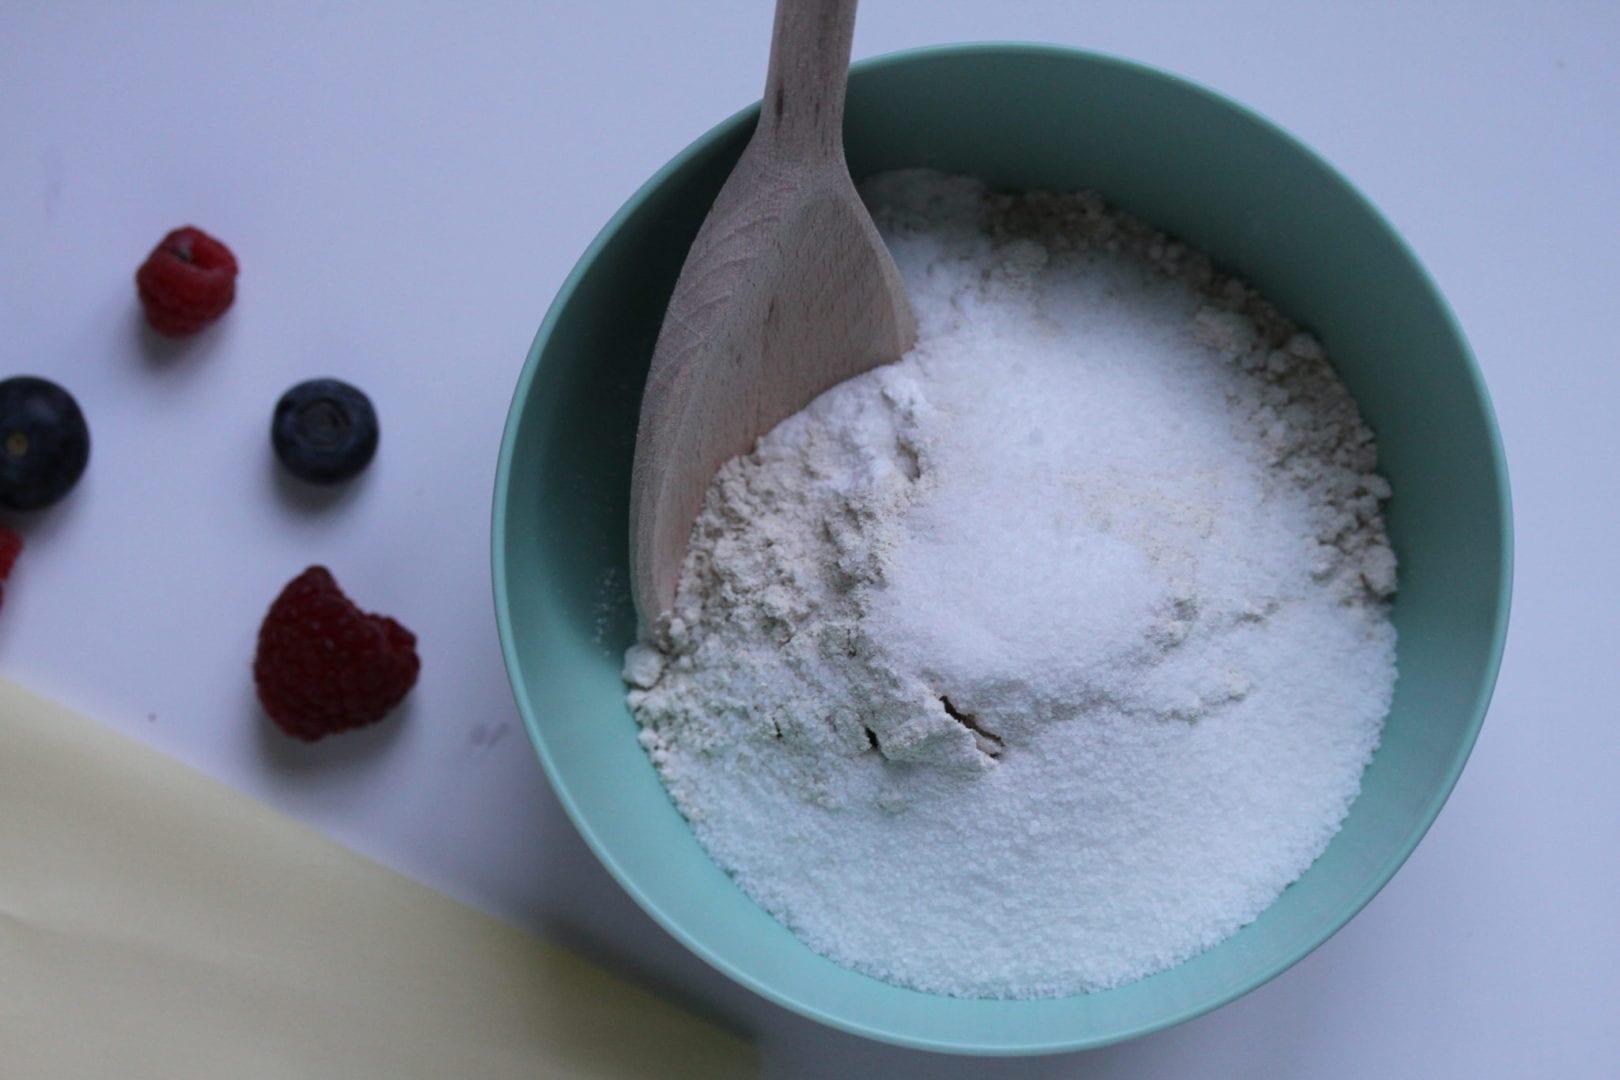 Best Sunday pancakes - gluten free pancakes - mixing dry ingredients